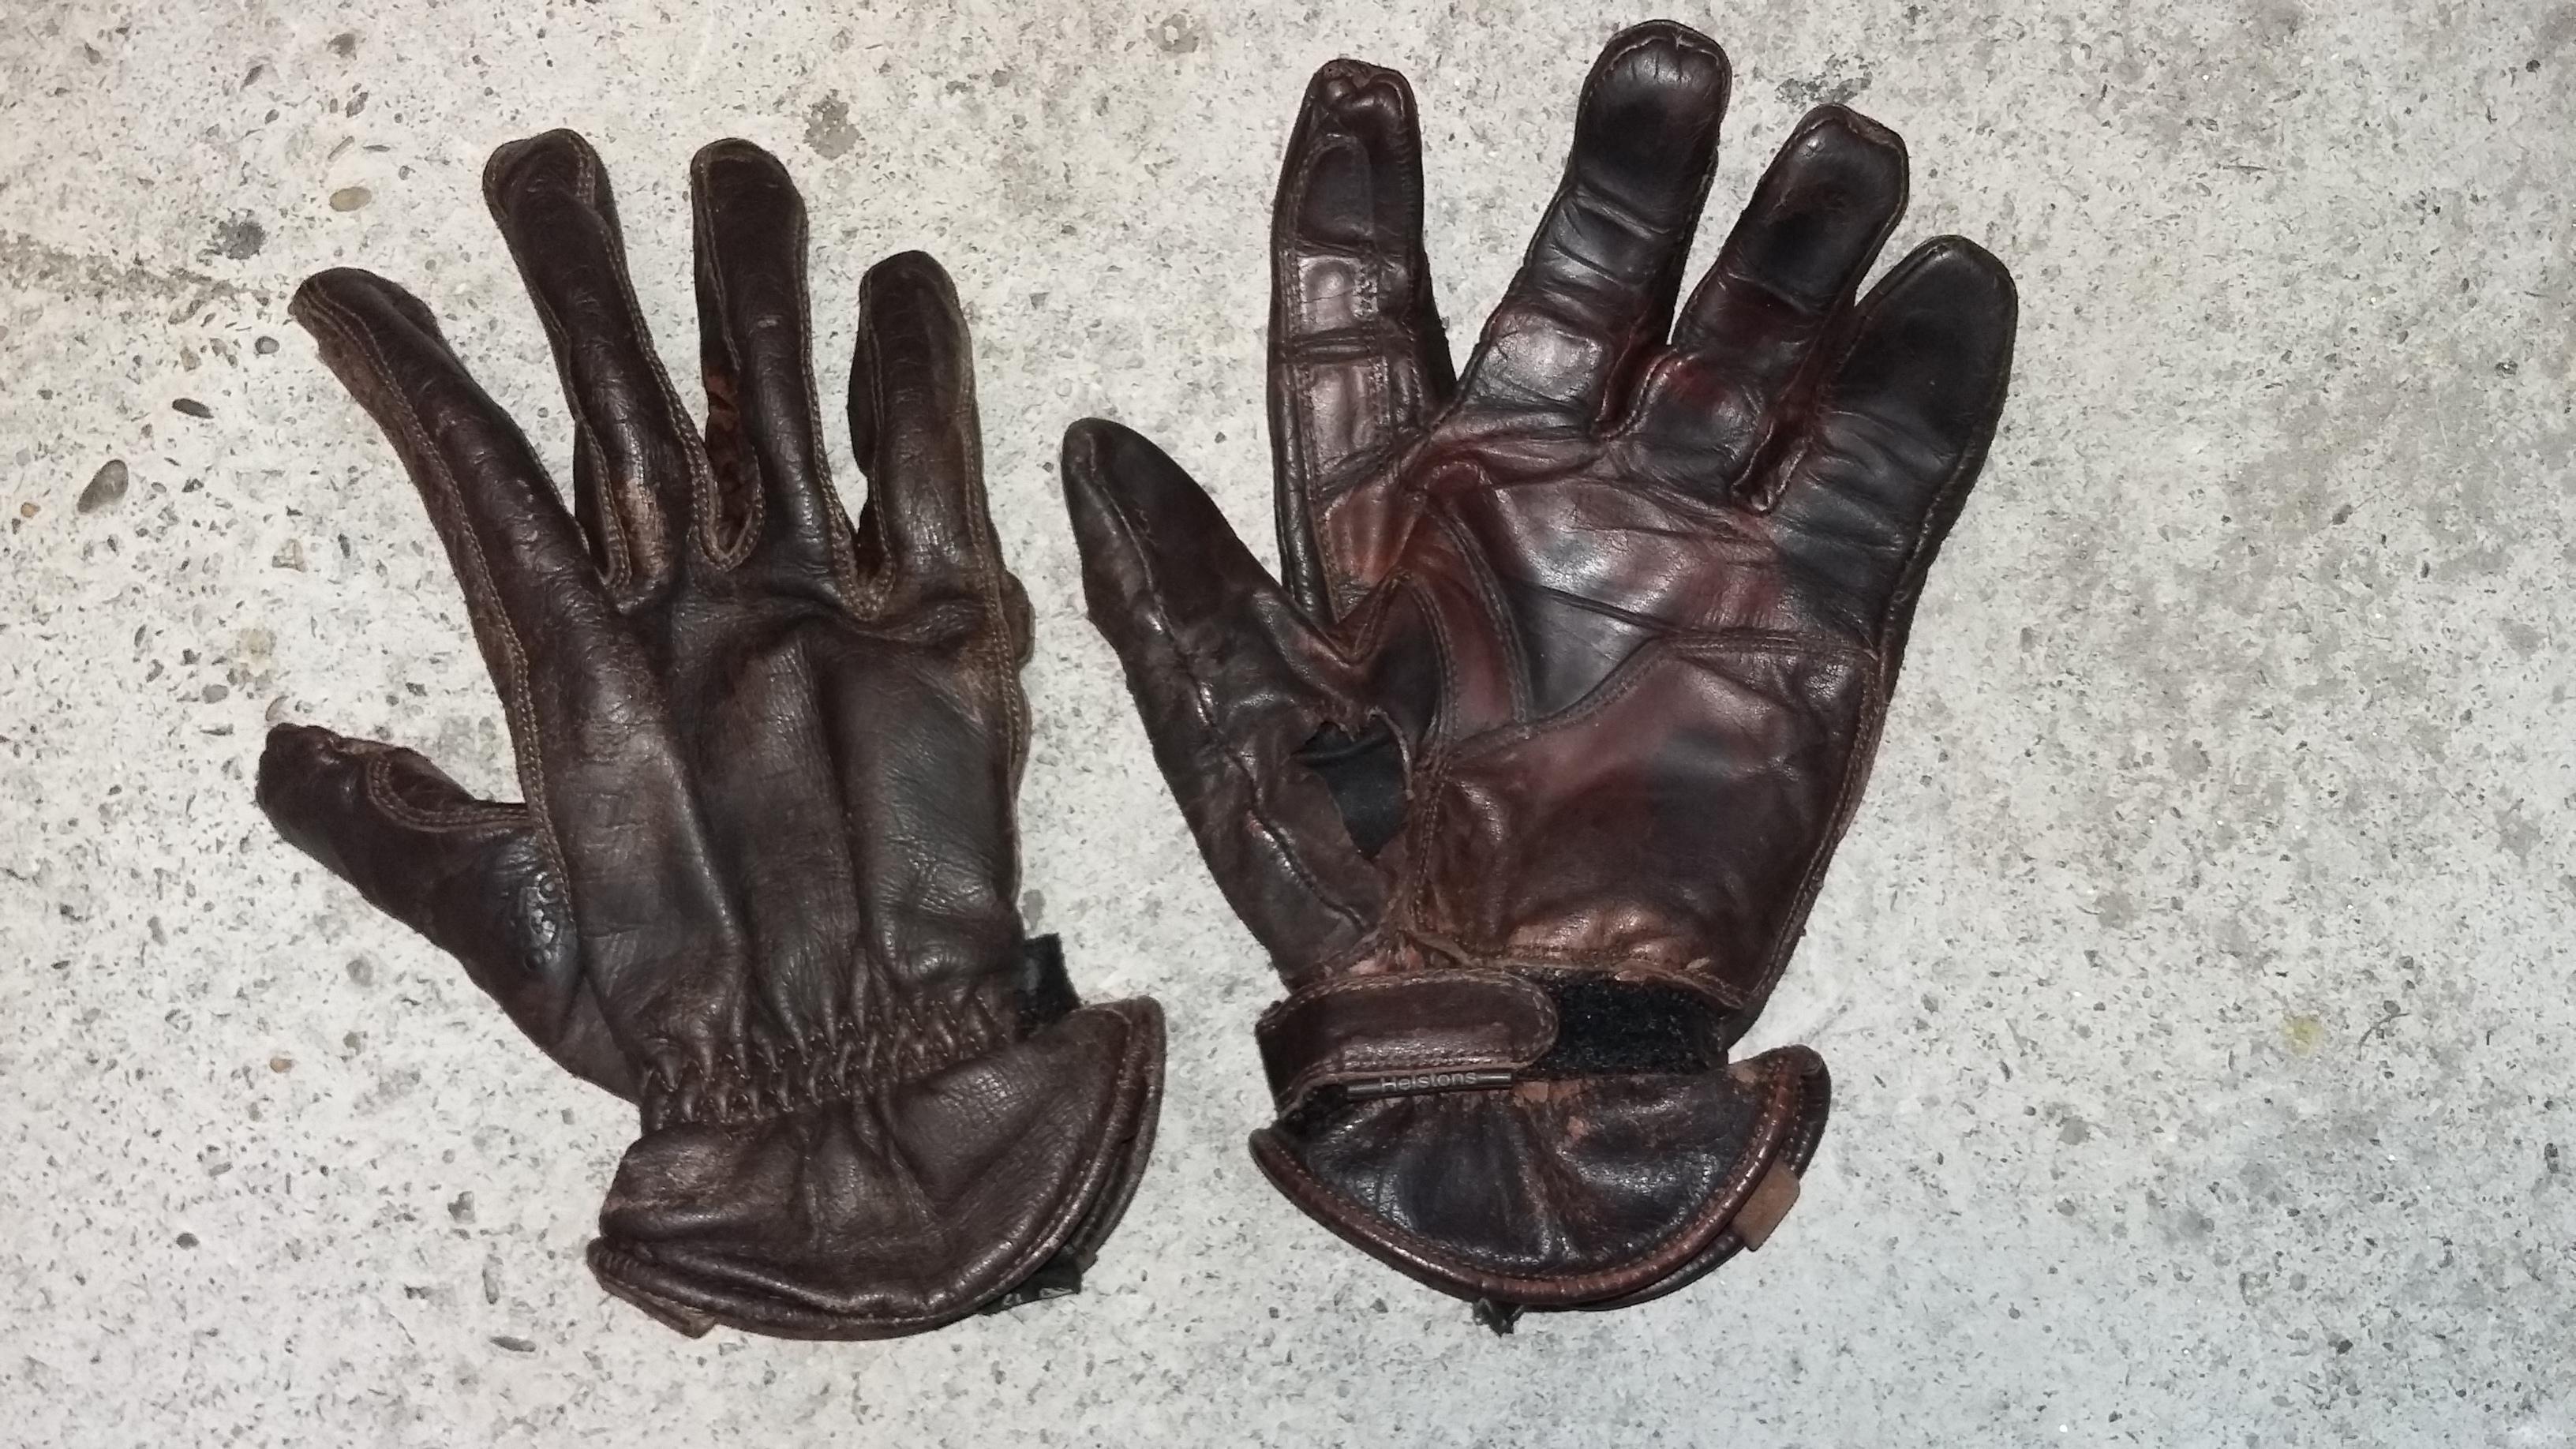 gants Helstons qui foutent le camp ( Coup de Gueule ) - Page 3 22058520170920072507